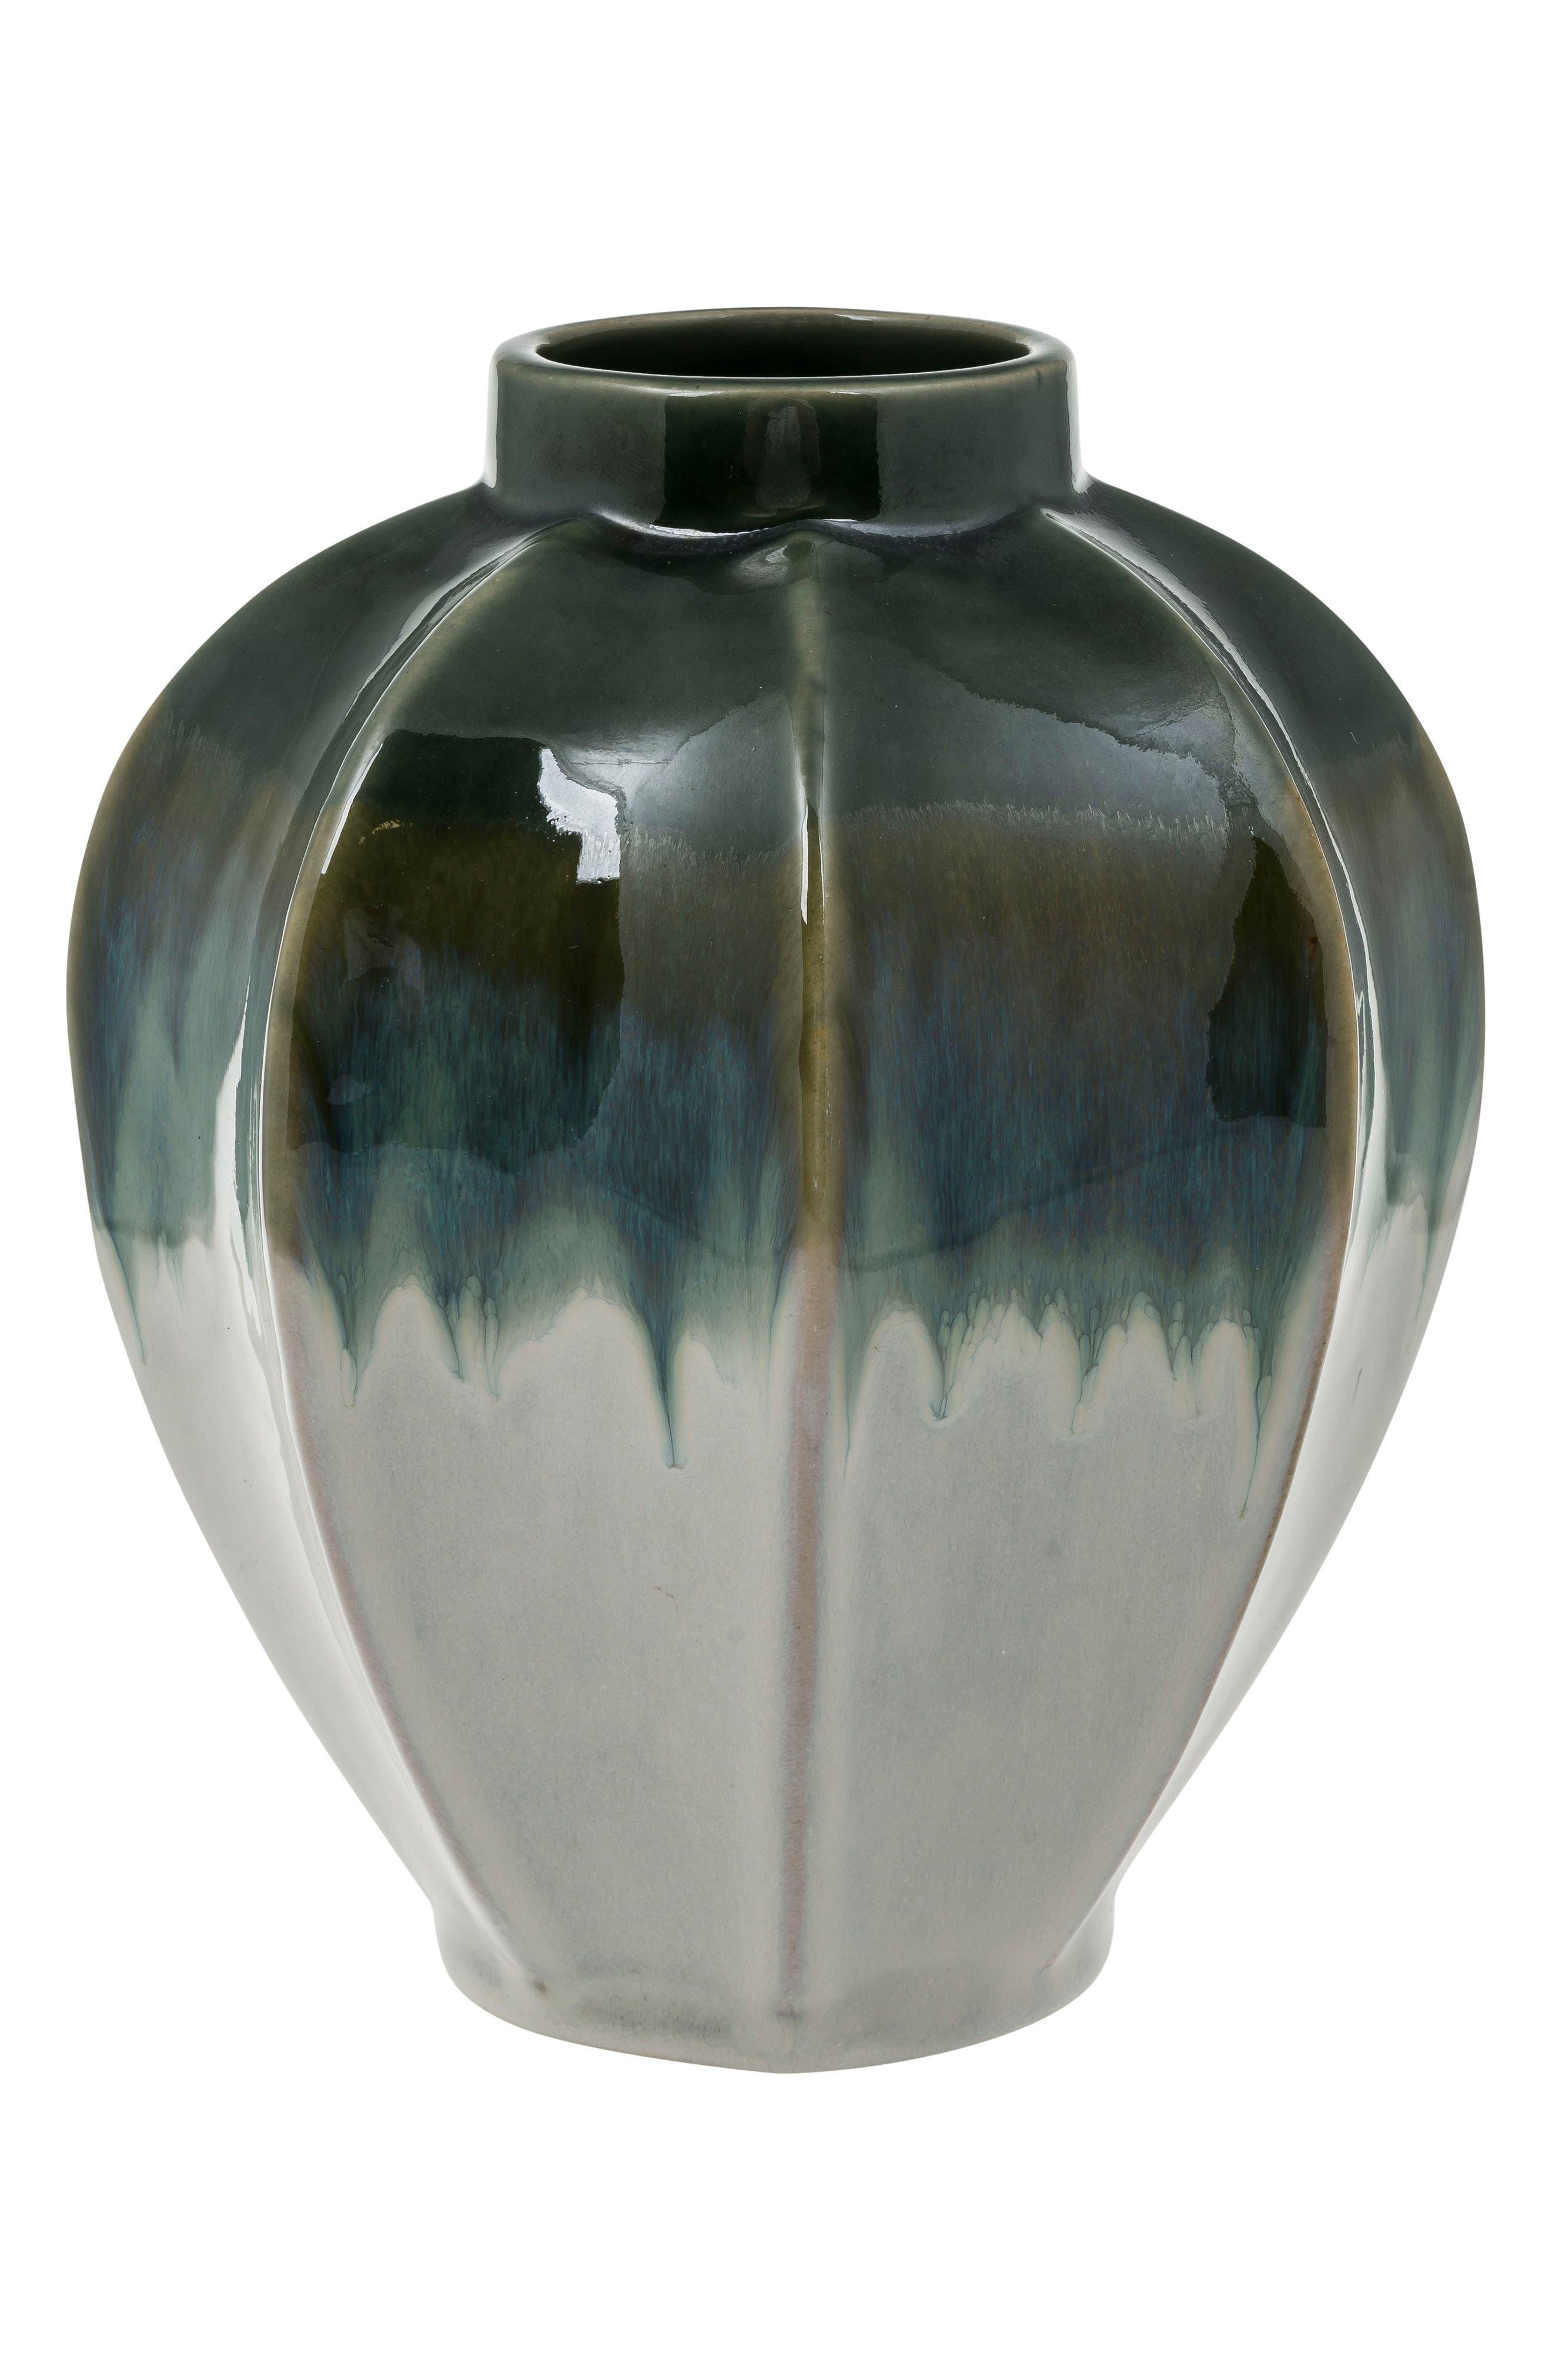 Main Image - Eightmood Bora Vase